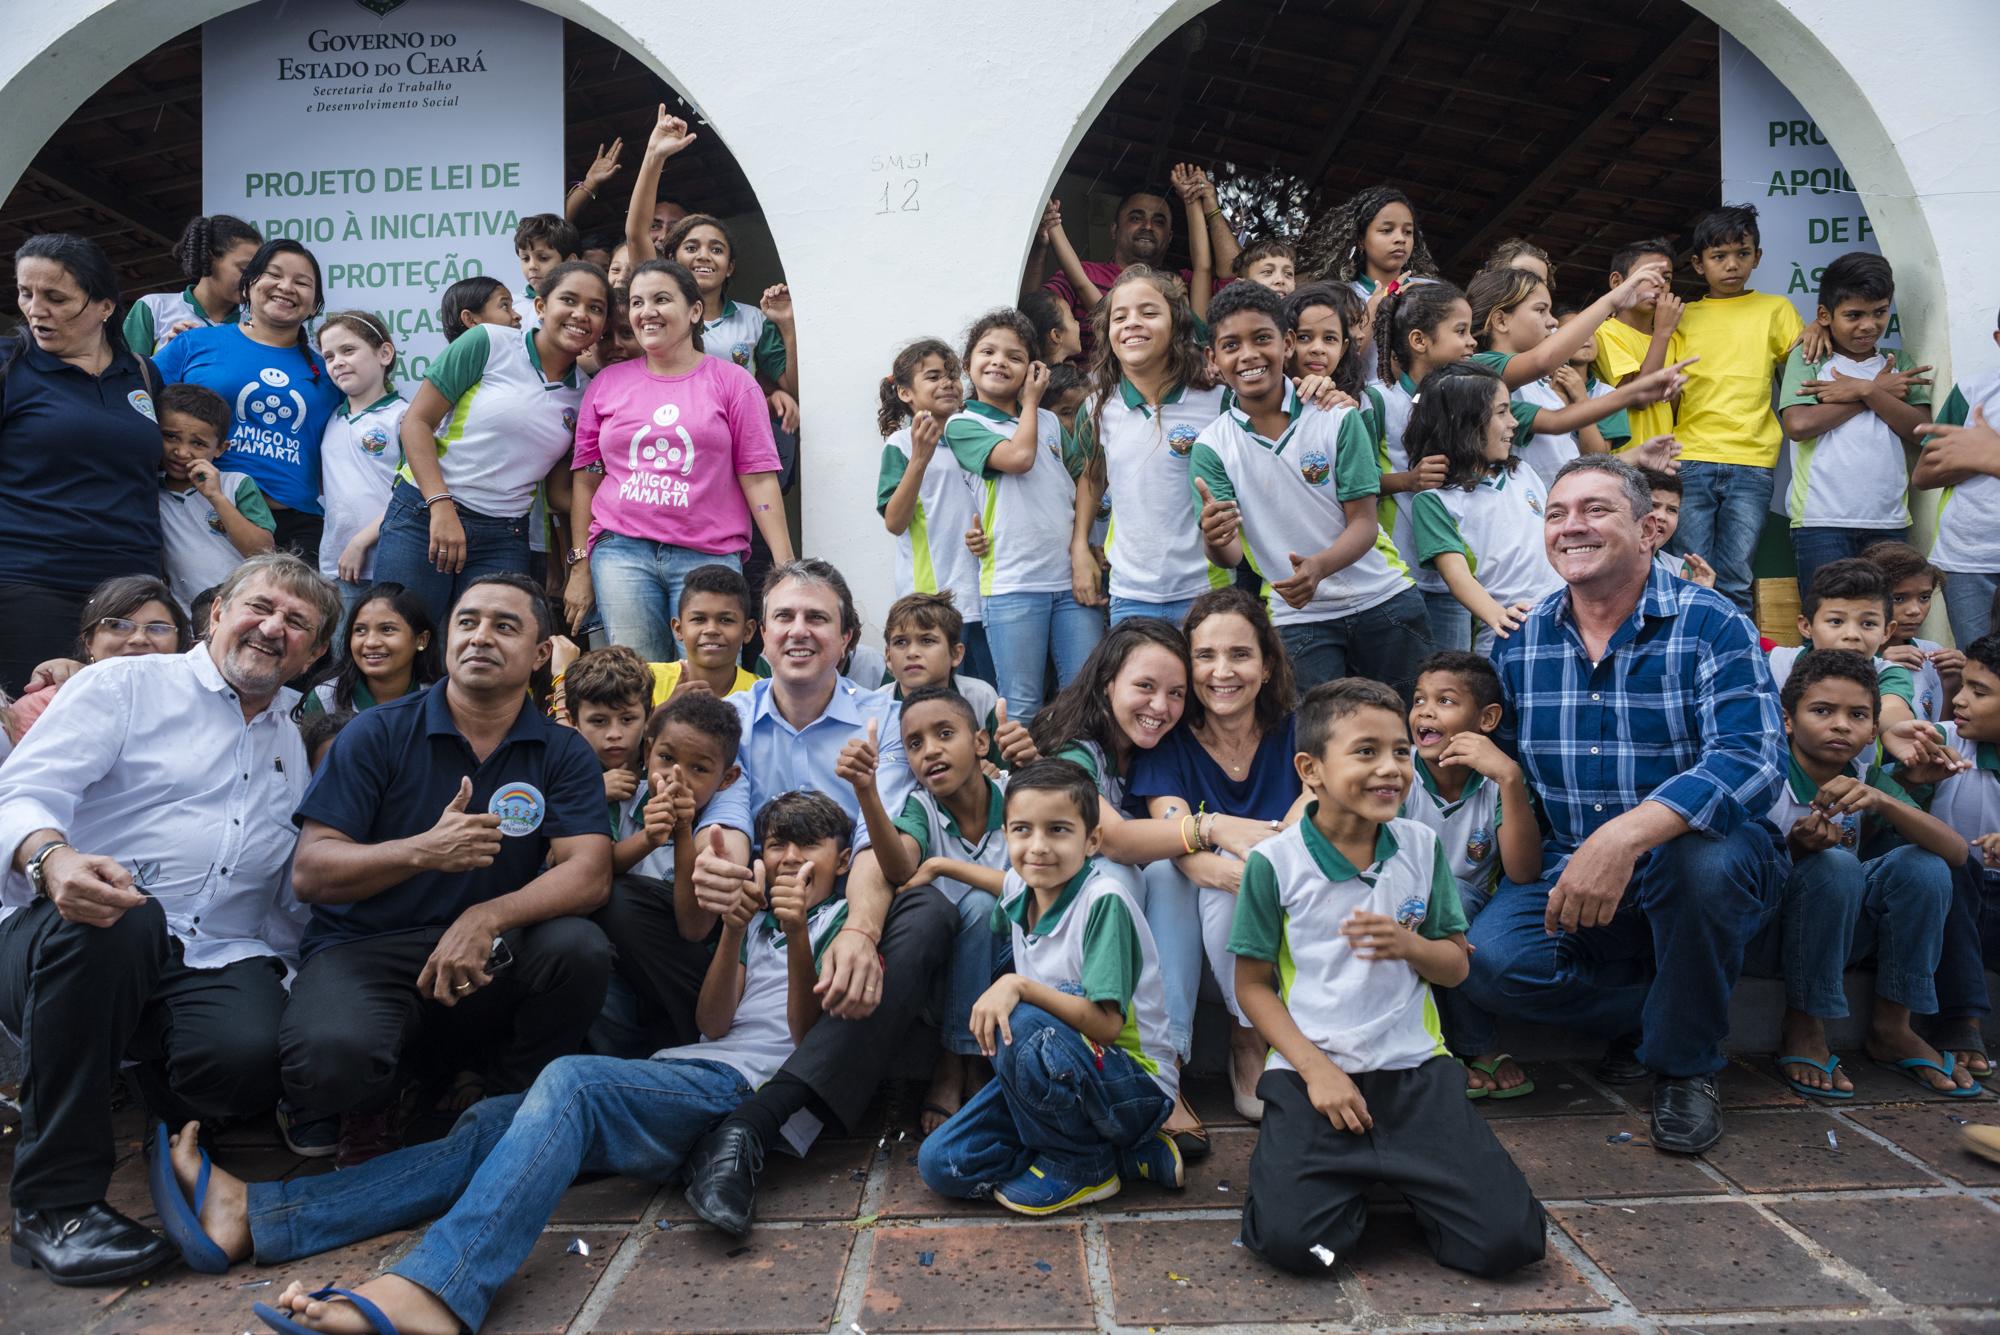 Os sonhos de cerca de 250 meninos e meninas em situação de vulnerabilidade se revigoraram nesta quarta-feira (6).